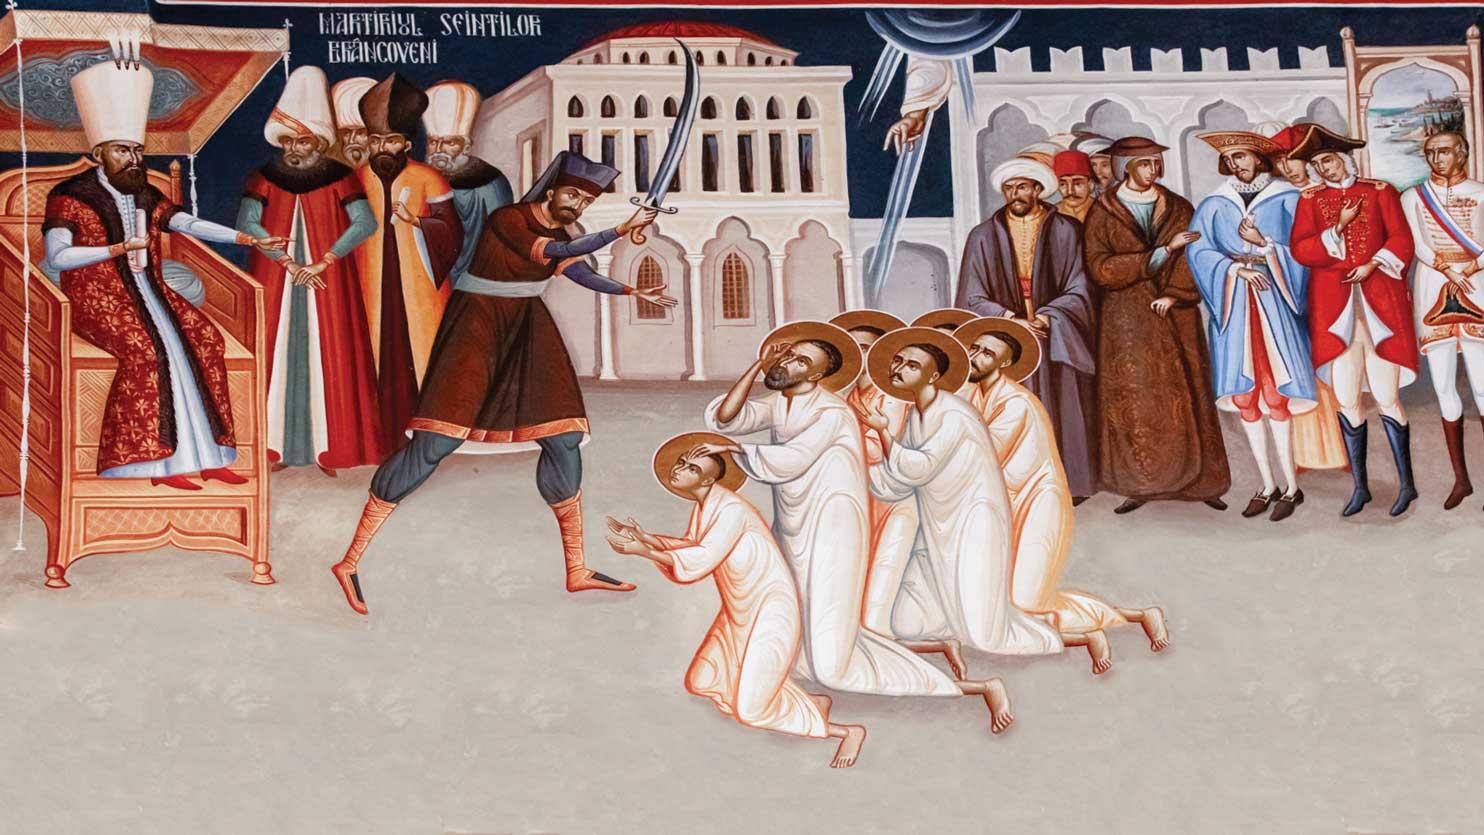 Ziua Națională pentru comemorarea martirilor Brâncoveni și de conștientizare a violențelor împotriva creștinilor